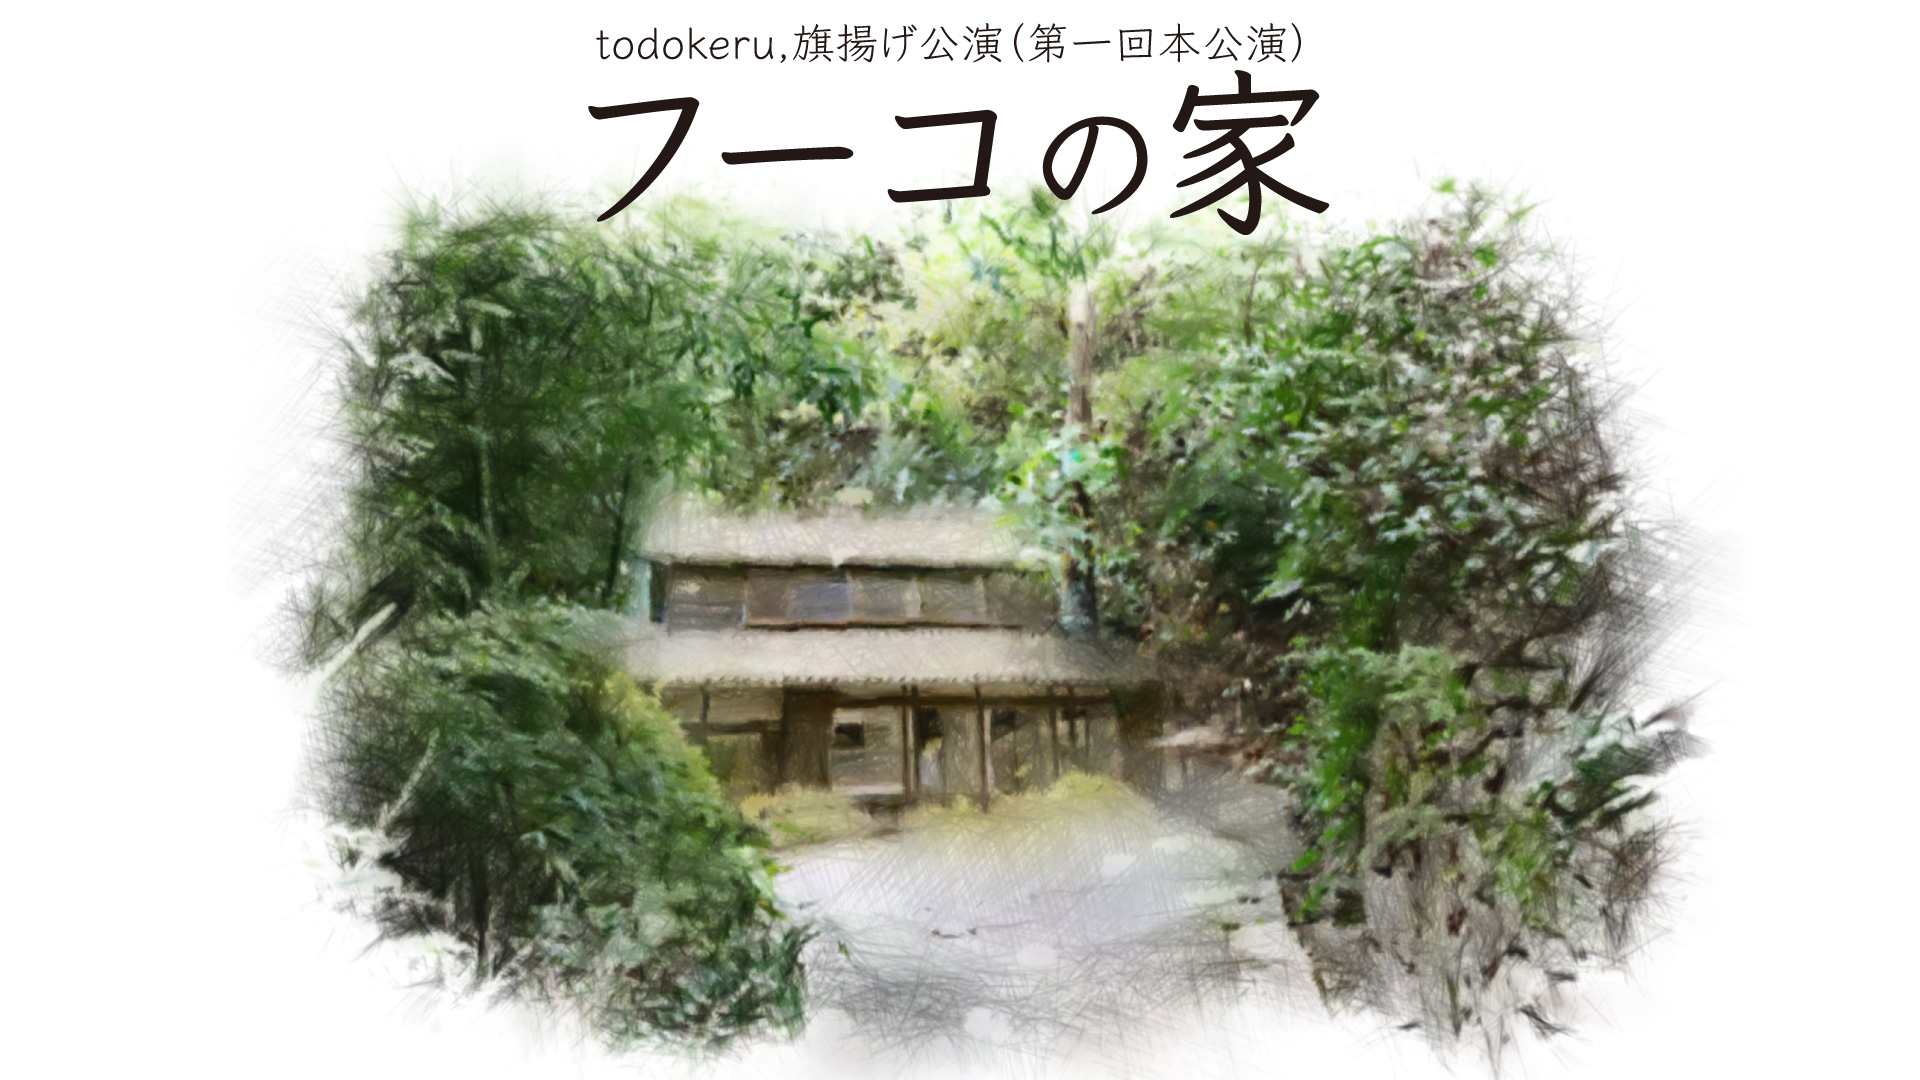 (全景映像)フーコの家